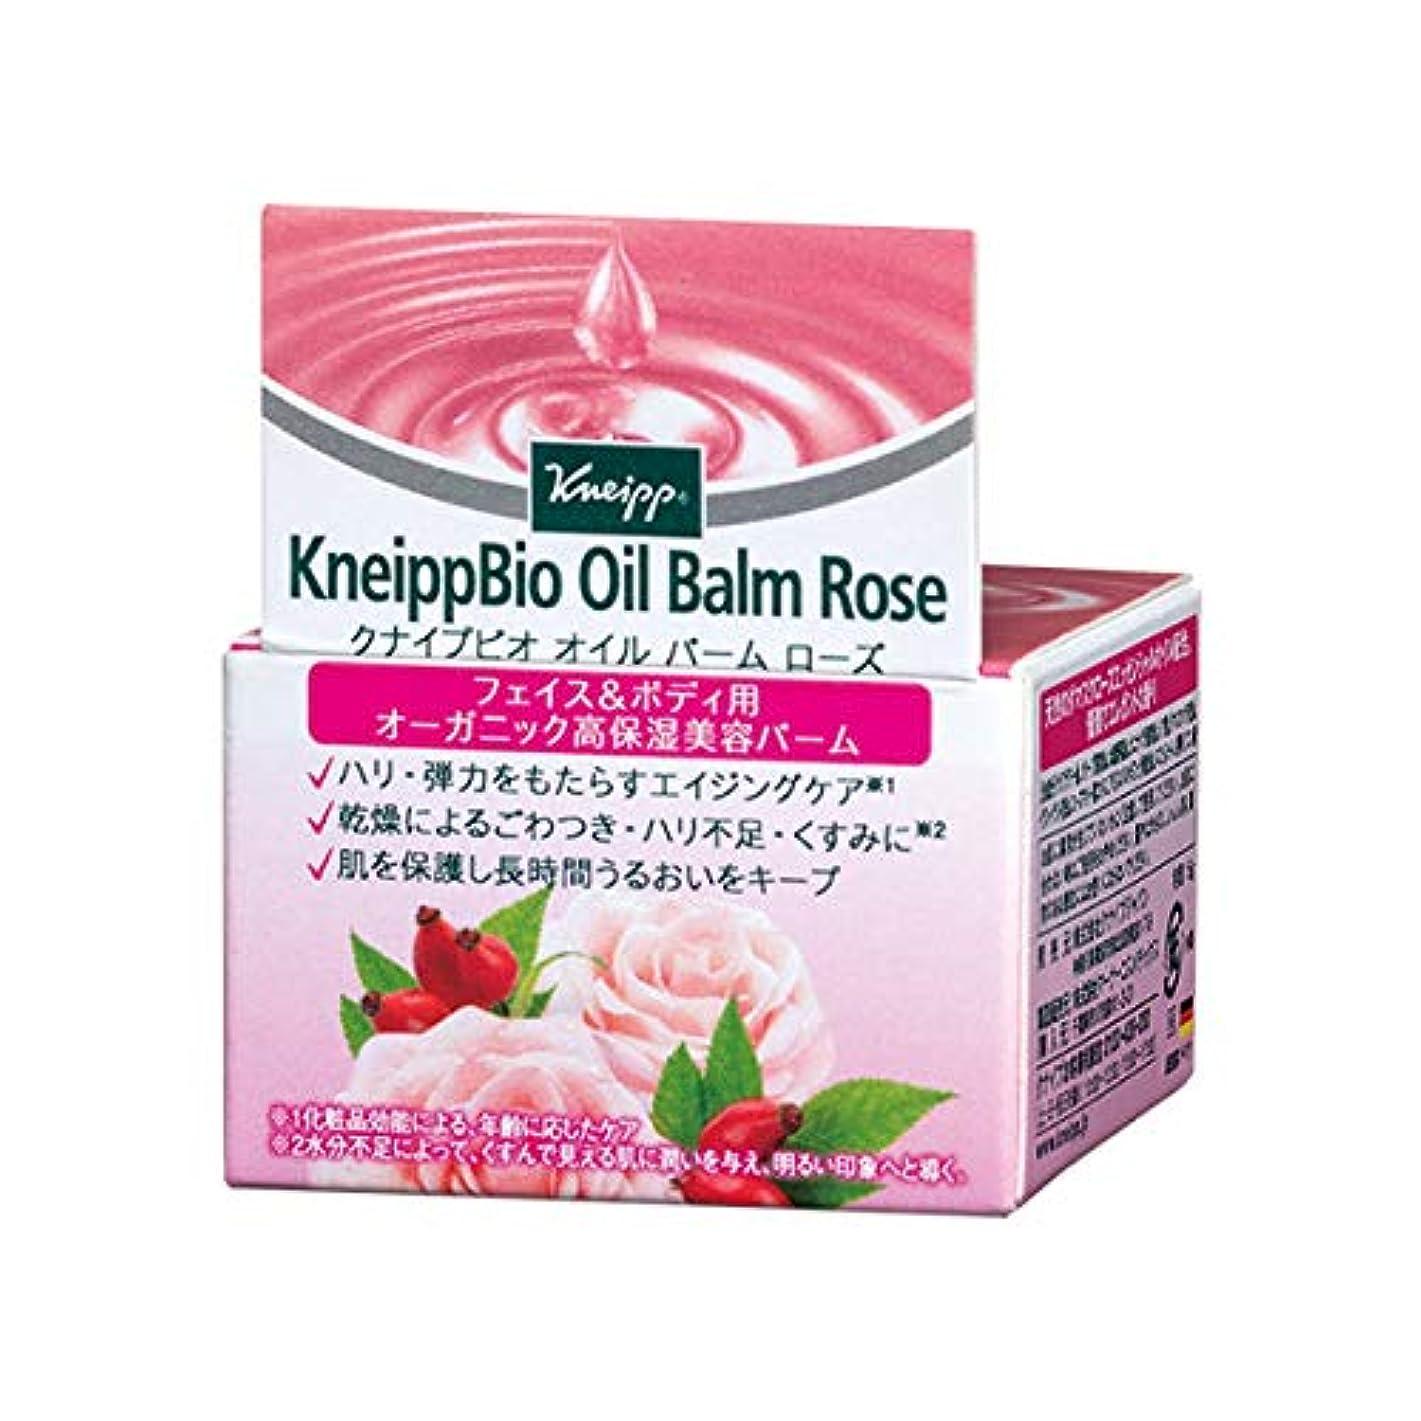 いじめっ子カップル花クナイプ(Kneipp) クナイプビオ オイル バーム ローズ 15g 美容液